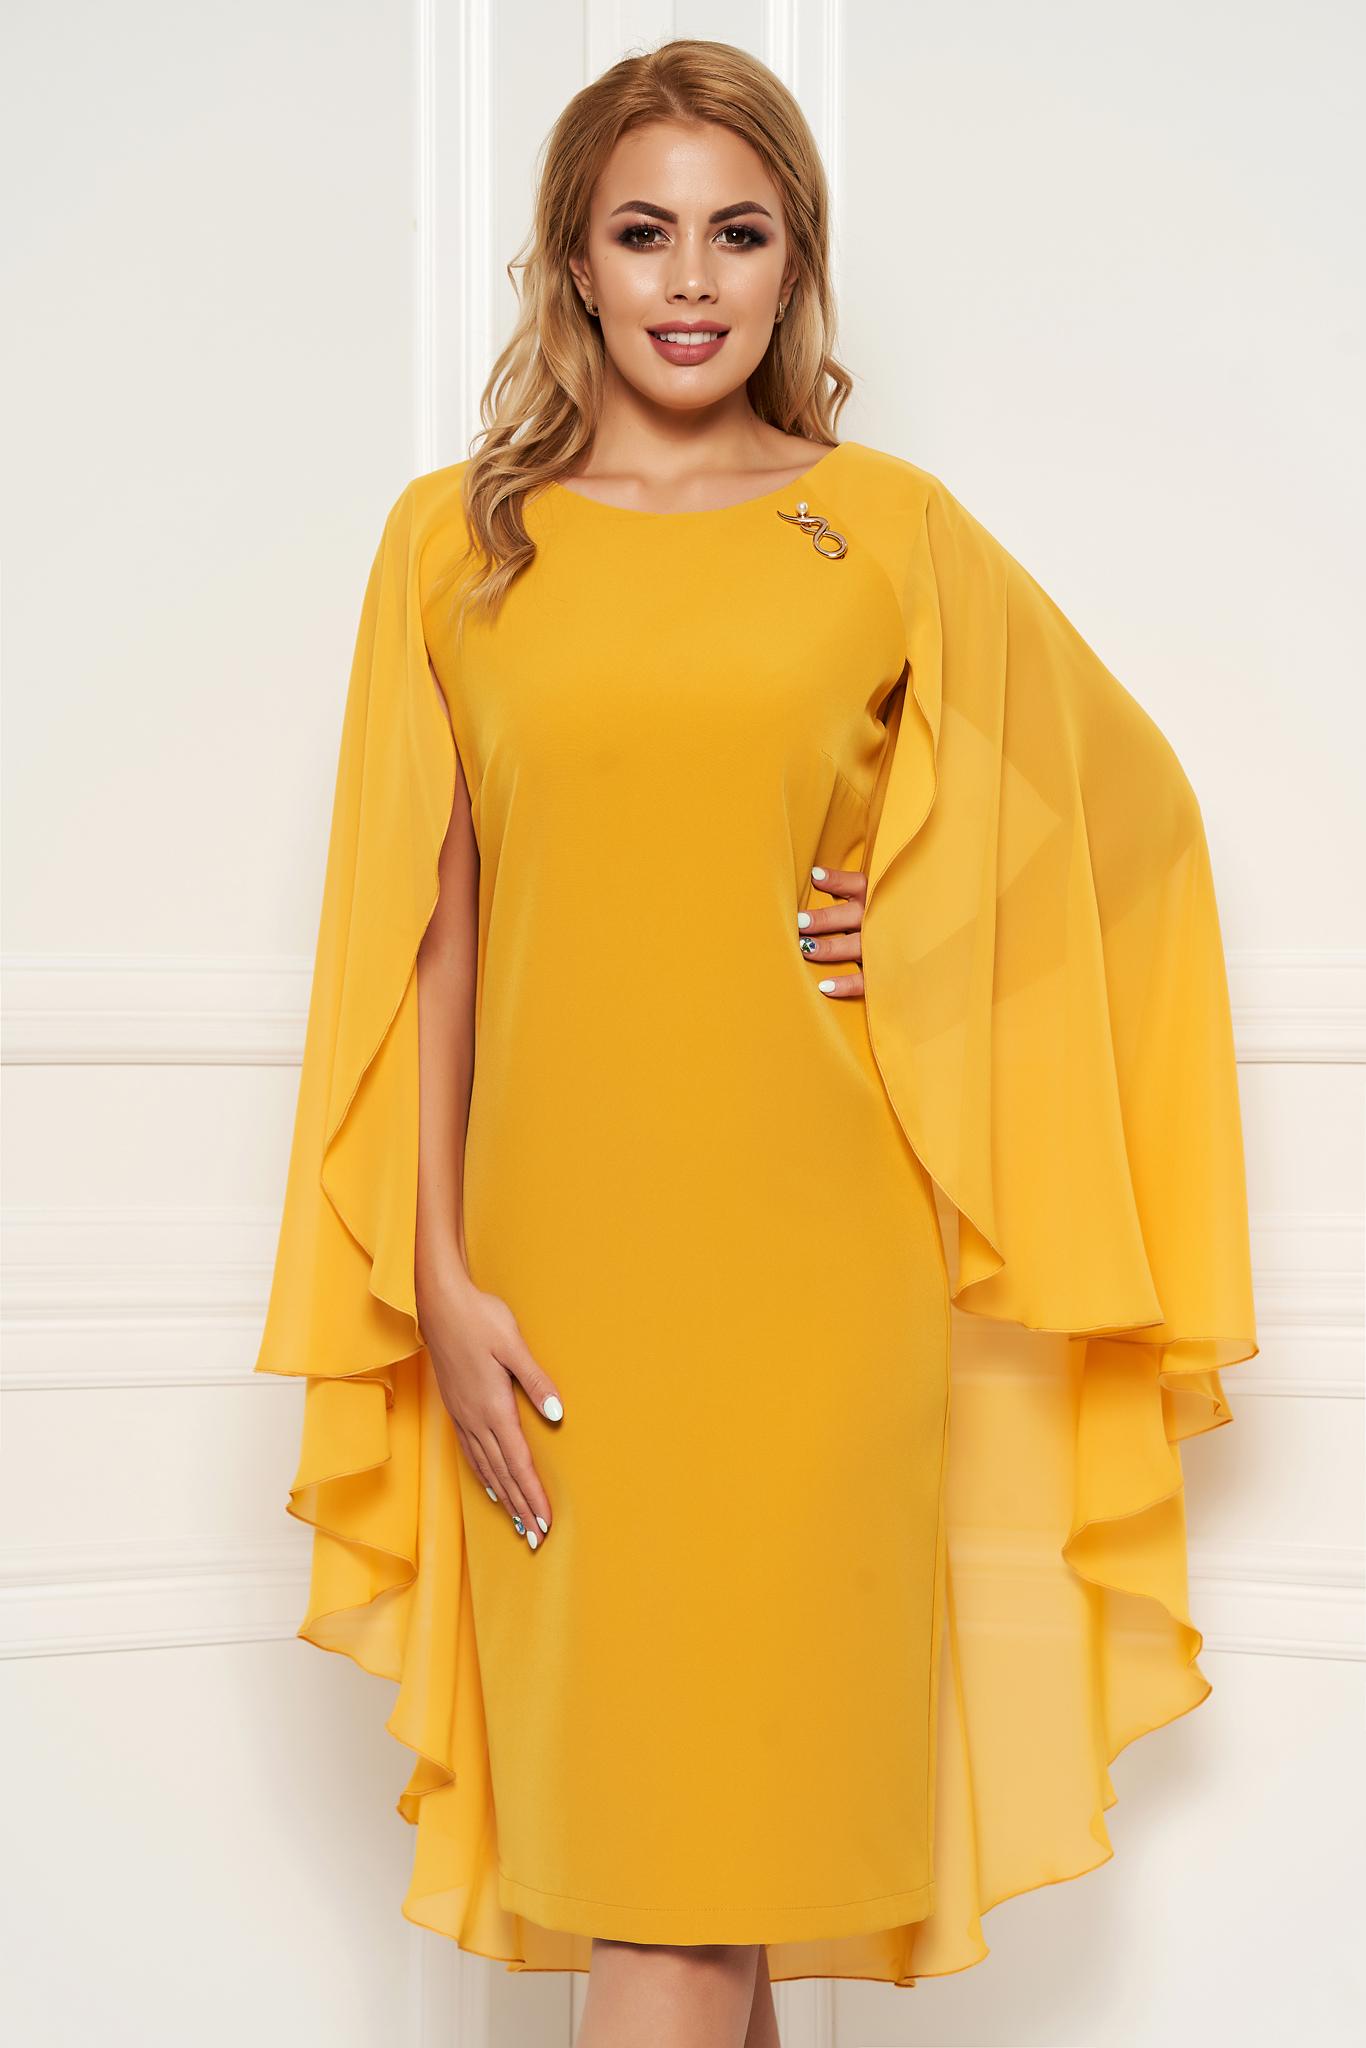 Rochie mustarie eleganta cu un croi cambrat midi suprapunere cu voal accesorizata cu brosa